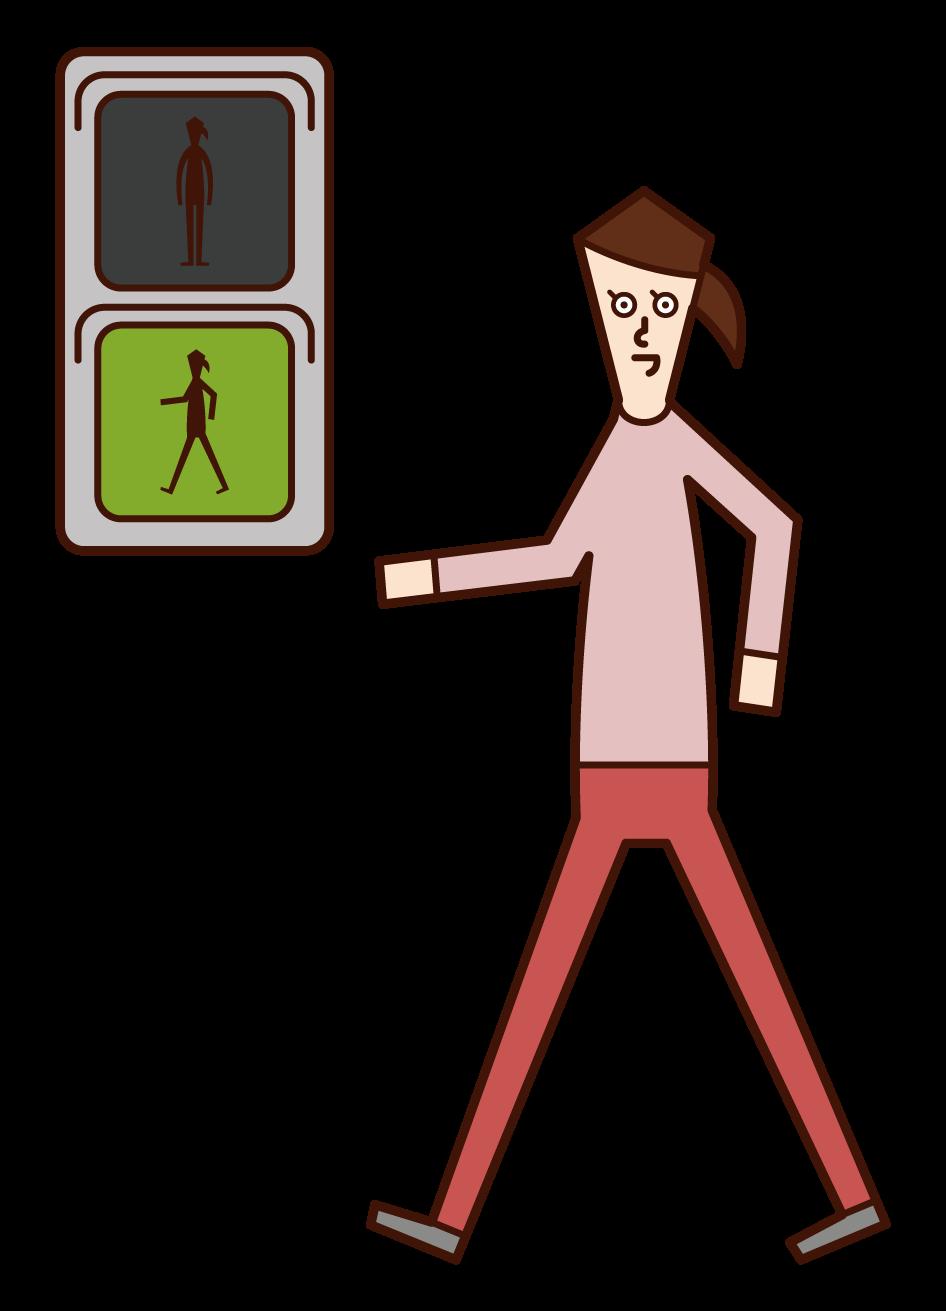 在綠燈前行的人(女性)的插圖